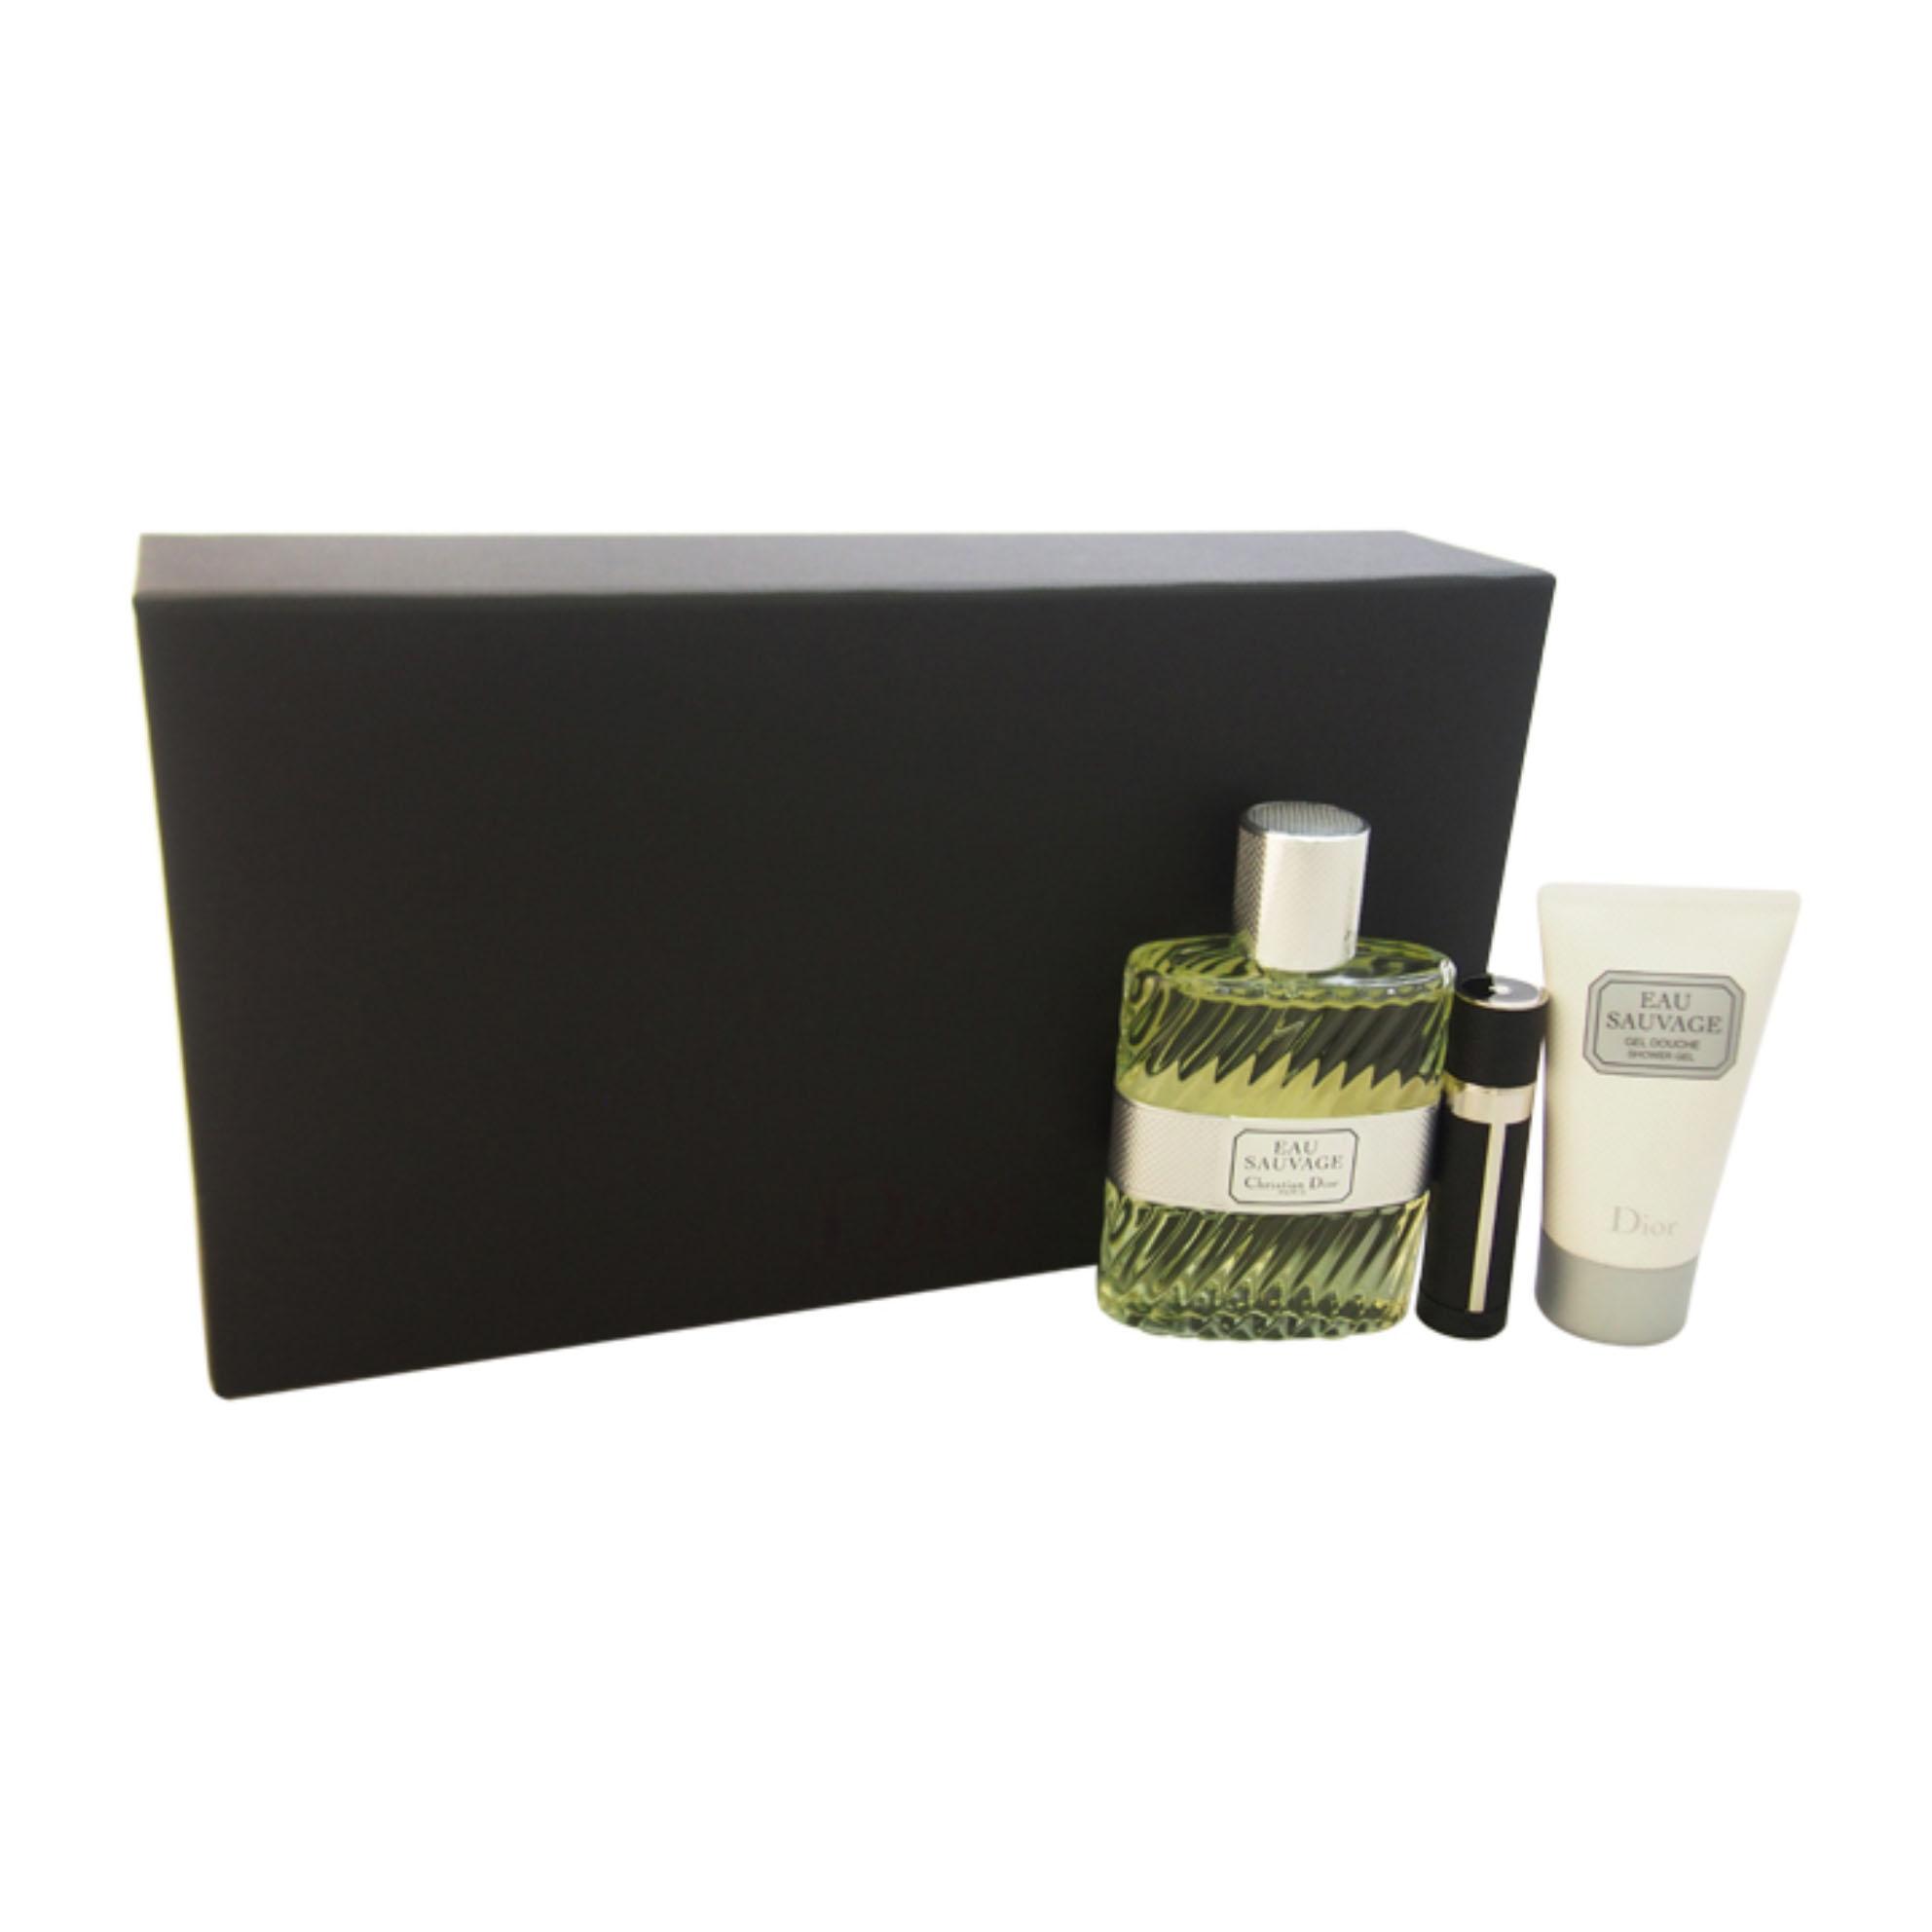 Image of Christian Dior Eau Sauvage Confezione Eau De Parfum 100ml + Latte Corpo 100ml + Eau De Toilette 3ml